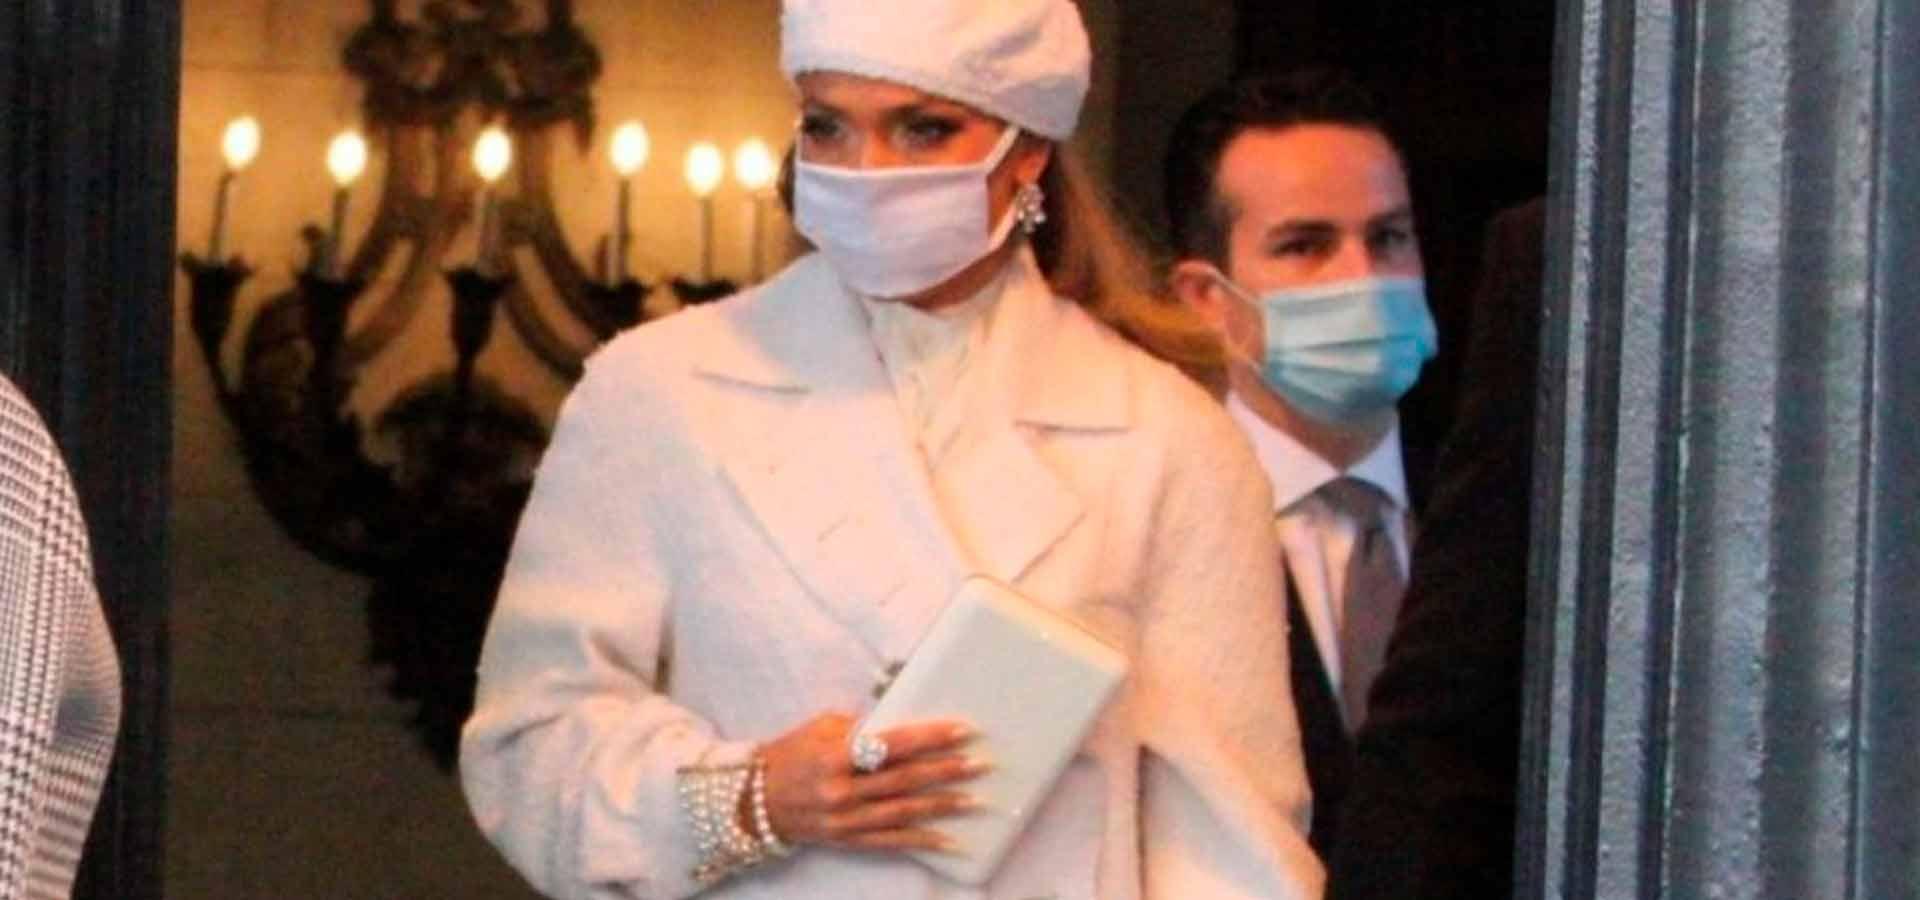 Куда отправилась Дженнифер Лопес сразу после выступления на инаугурации и какой показала сувенир